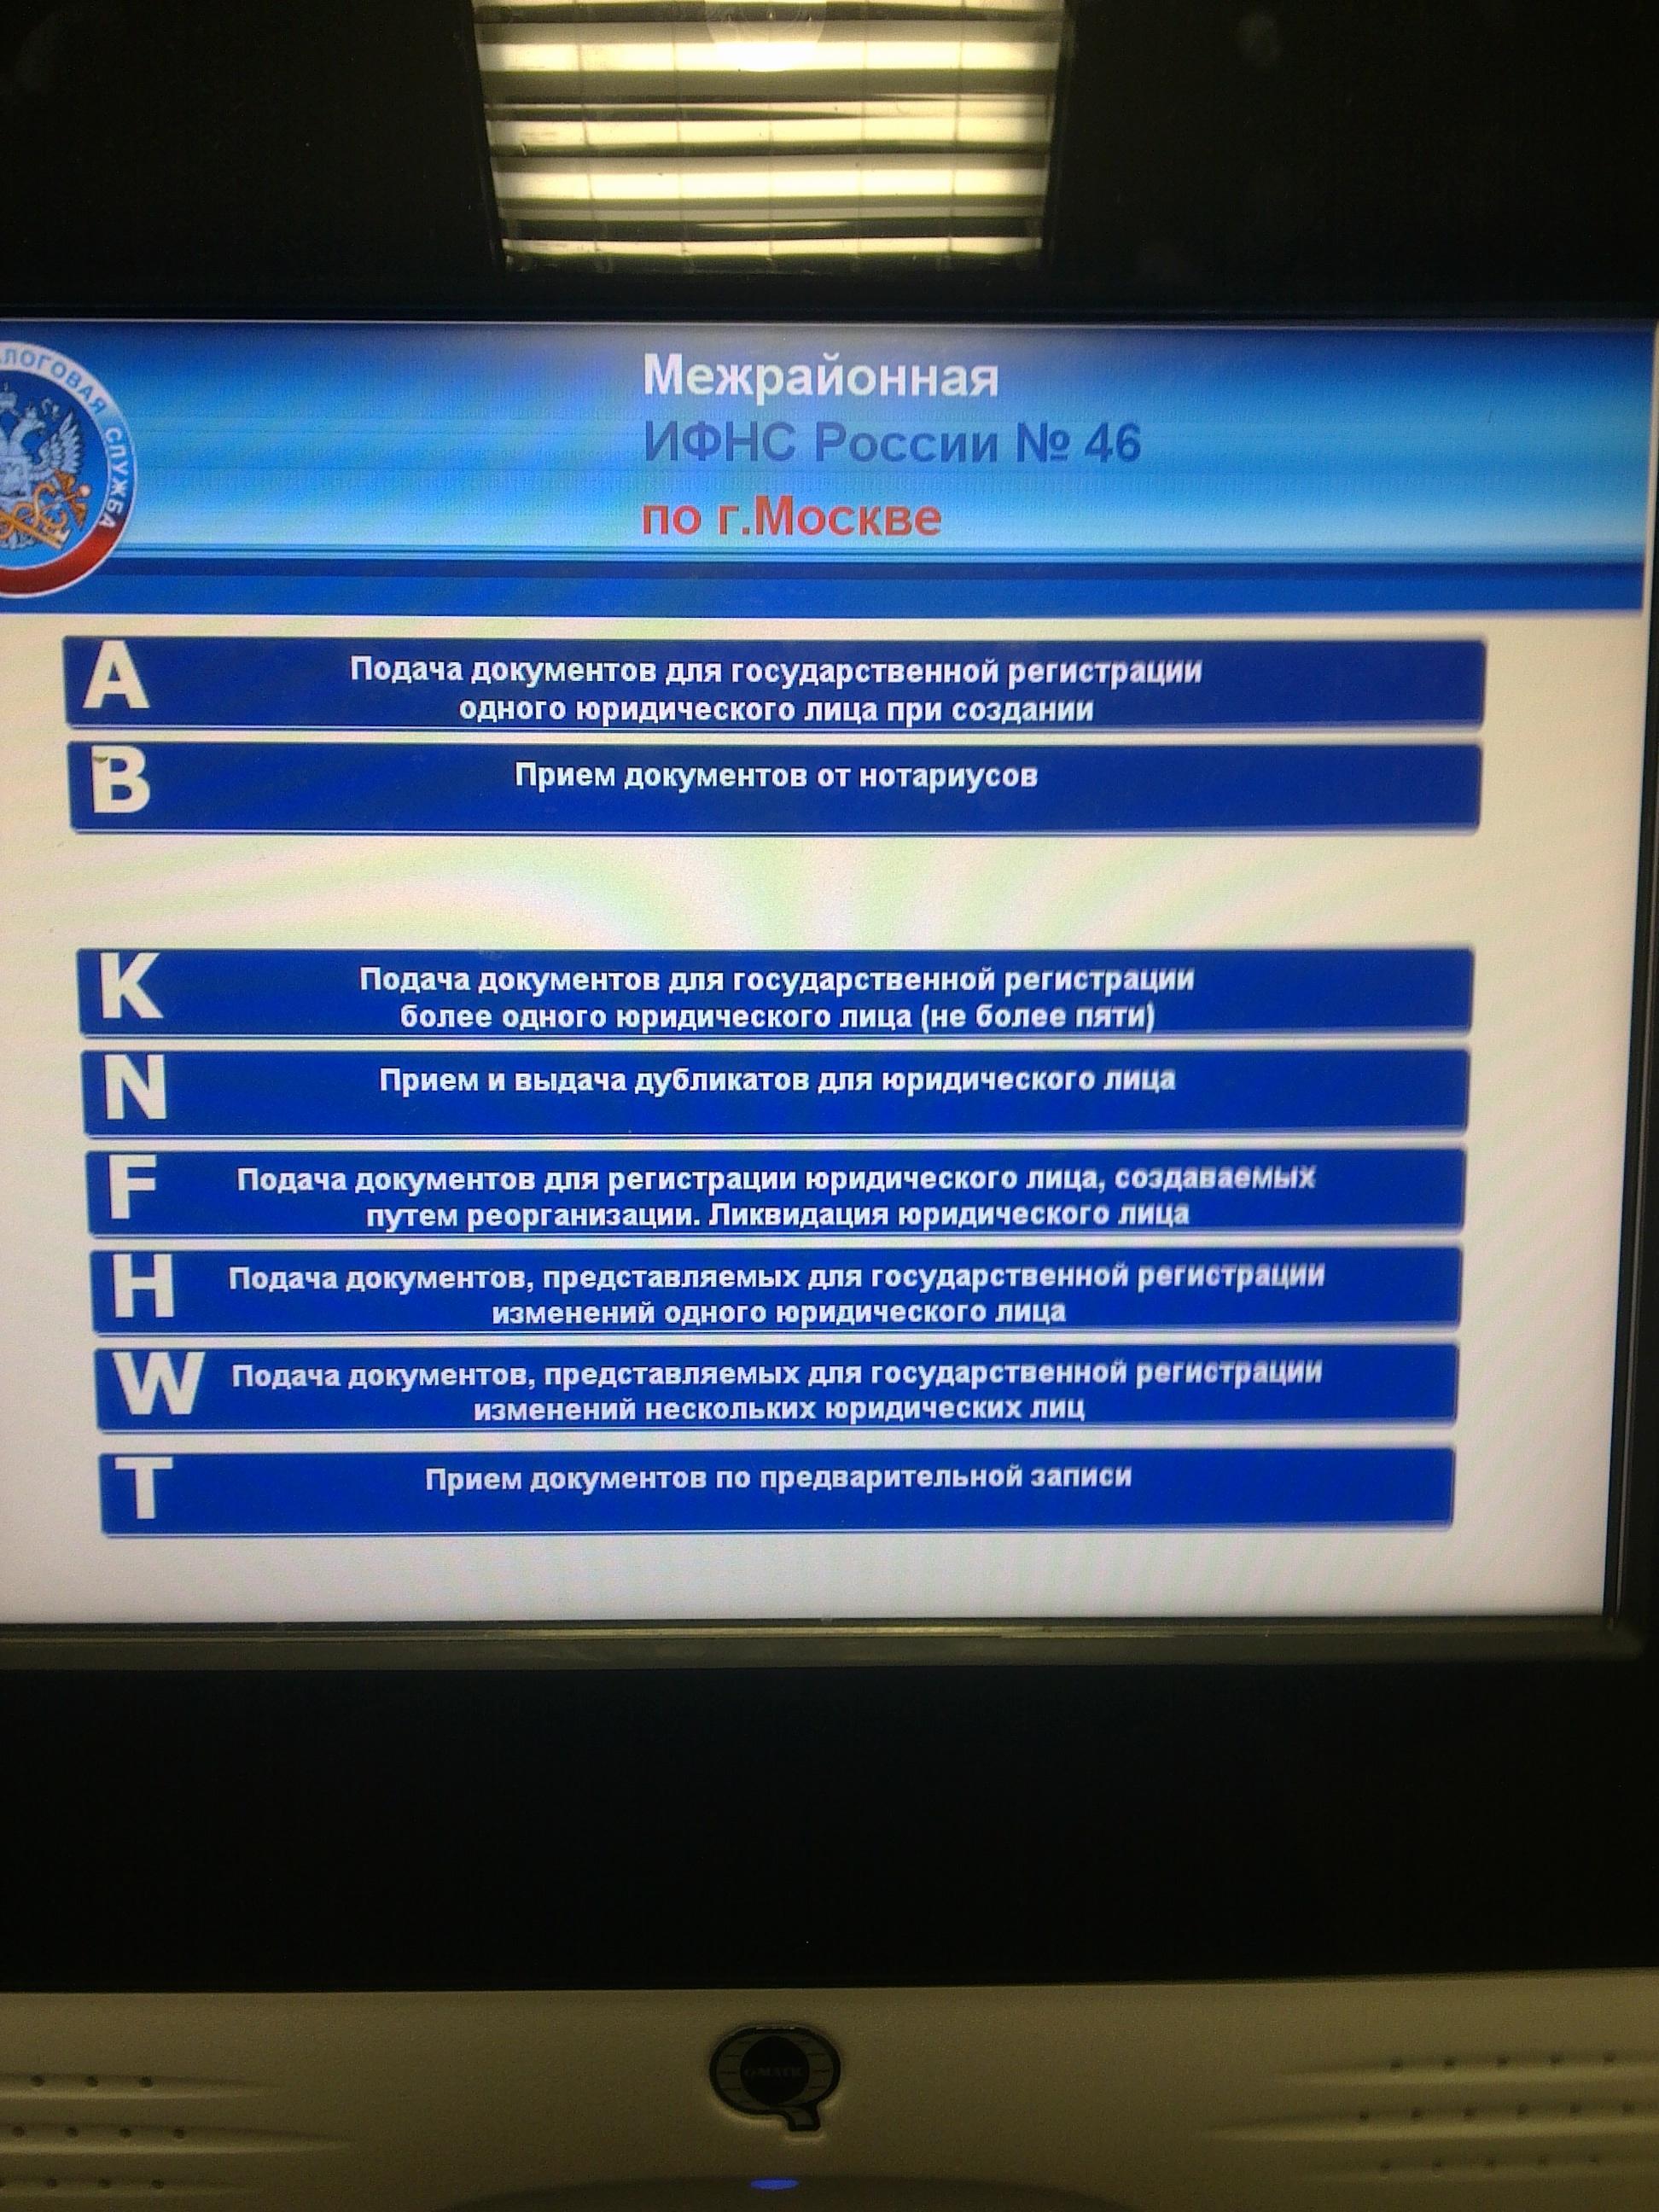 инструкция по оформлению документов на эцп